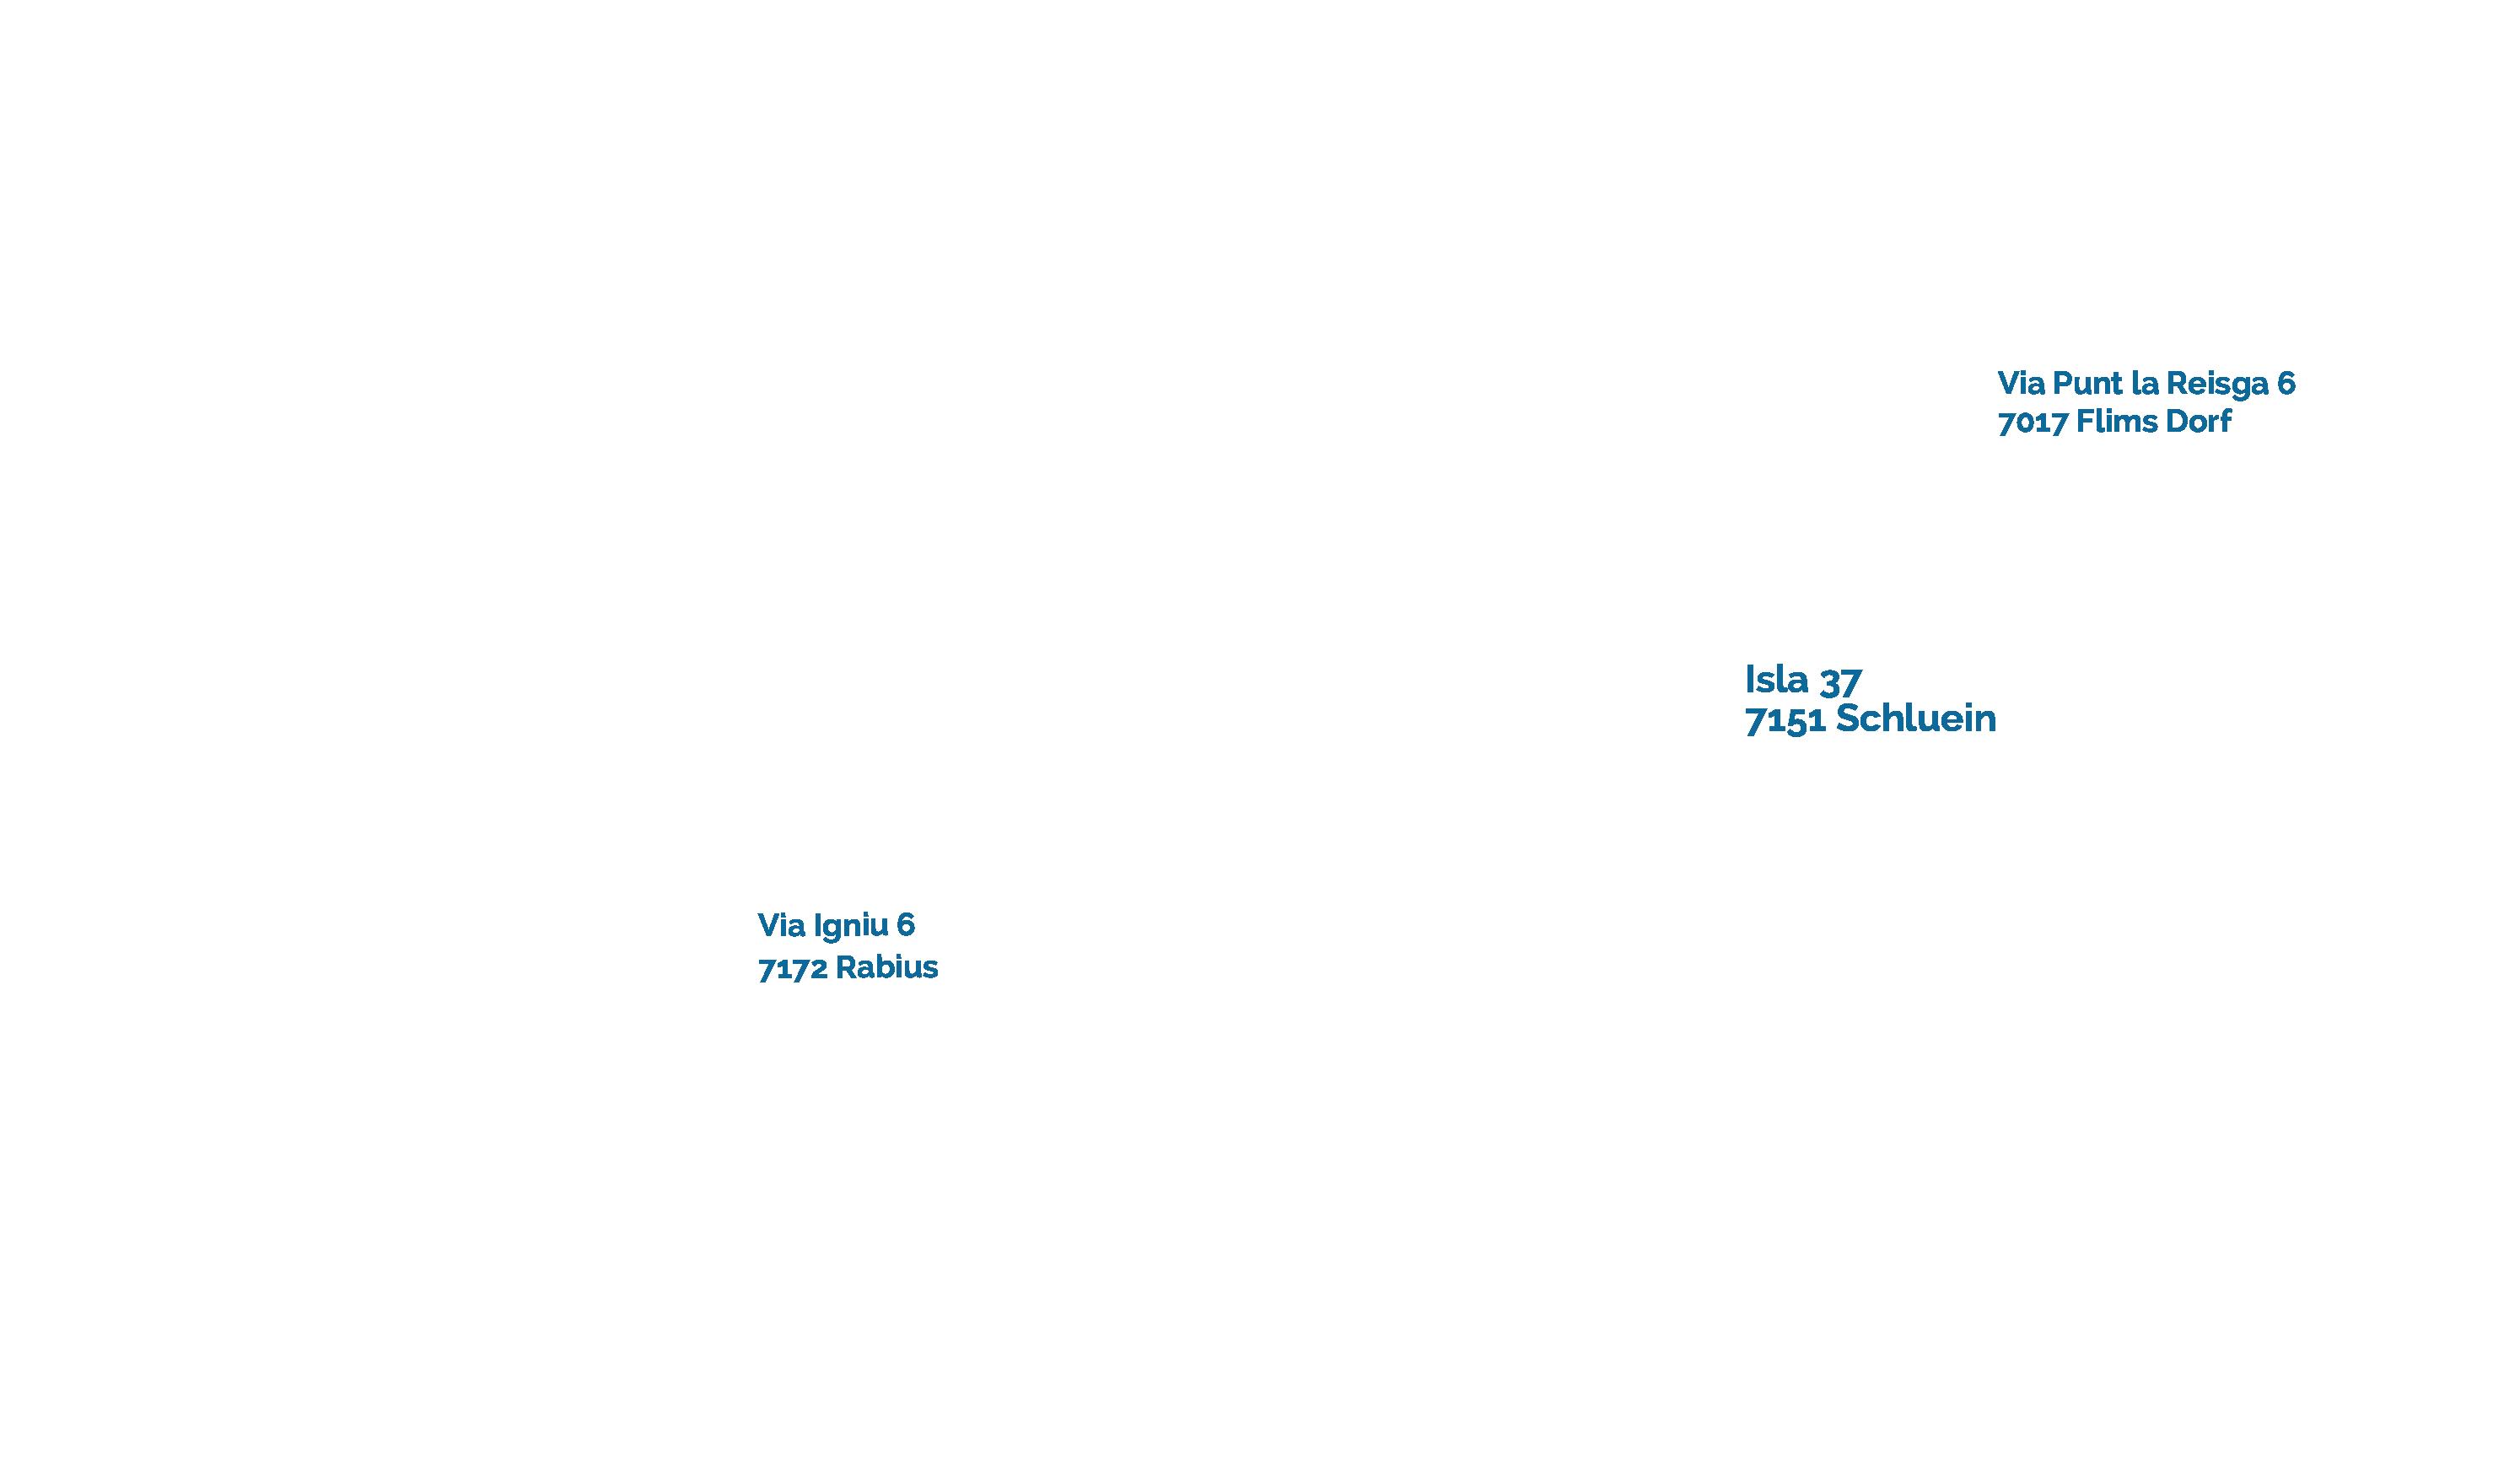 Karte mit Einzugsgebiet Kanalservice Surselva